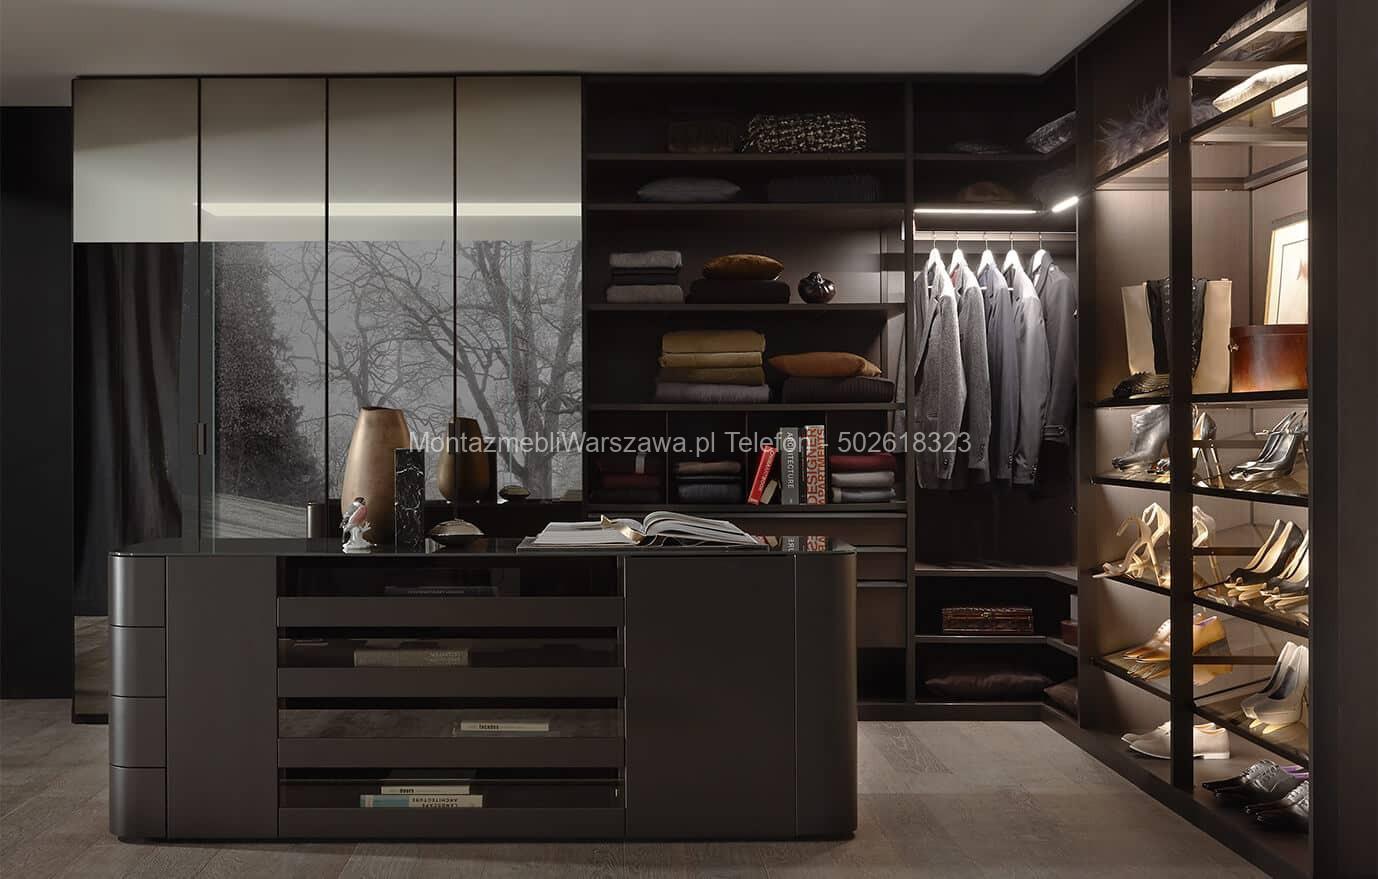 Składanie I Montaż Garderoby Szafy Na Wymiar Do Domu Biura